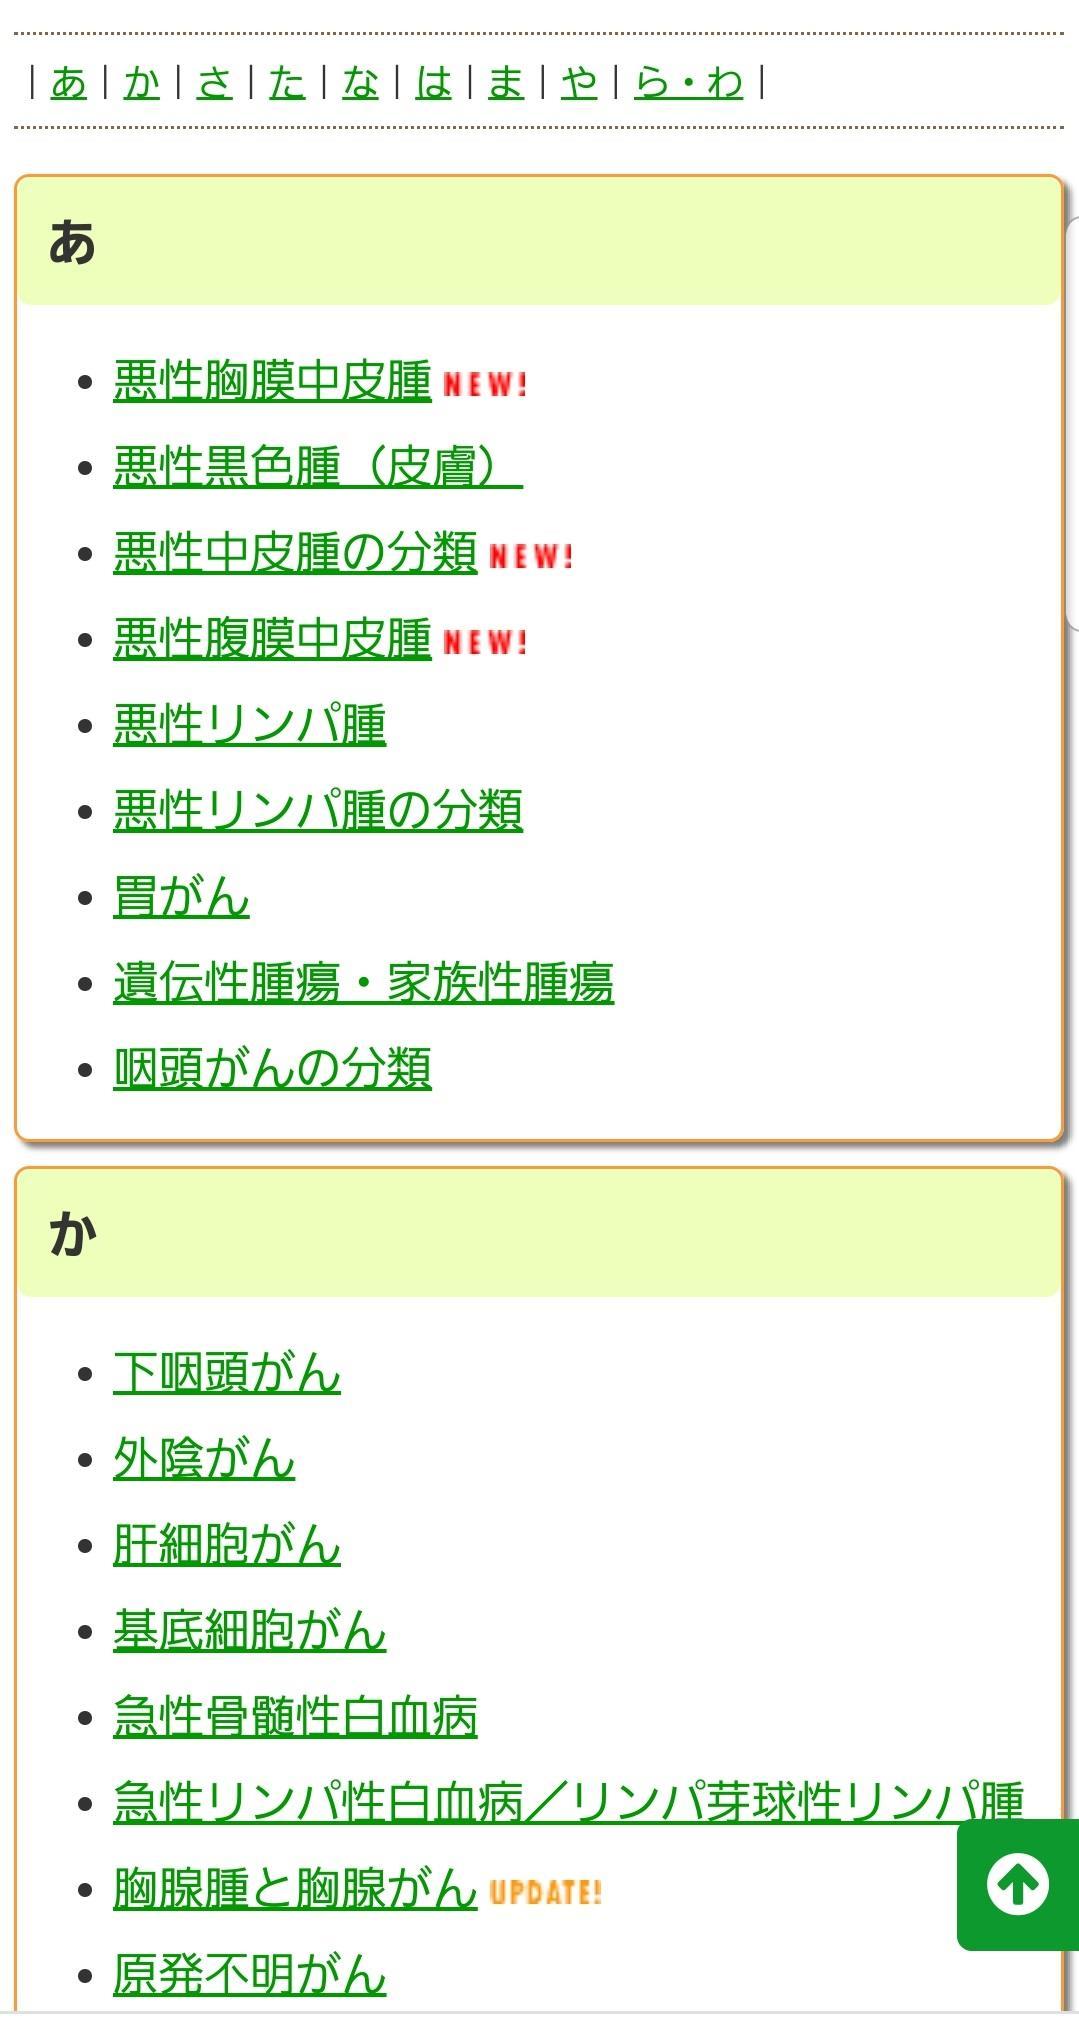 がん情報サービススマホ版の病名検索の画面です。